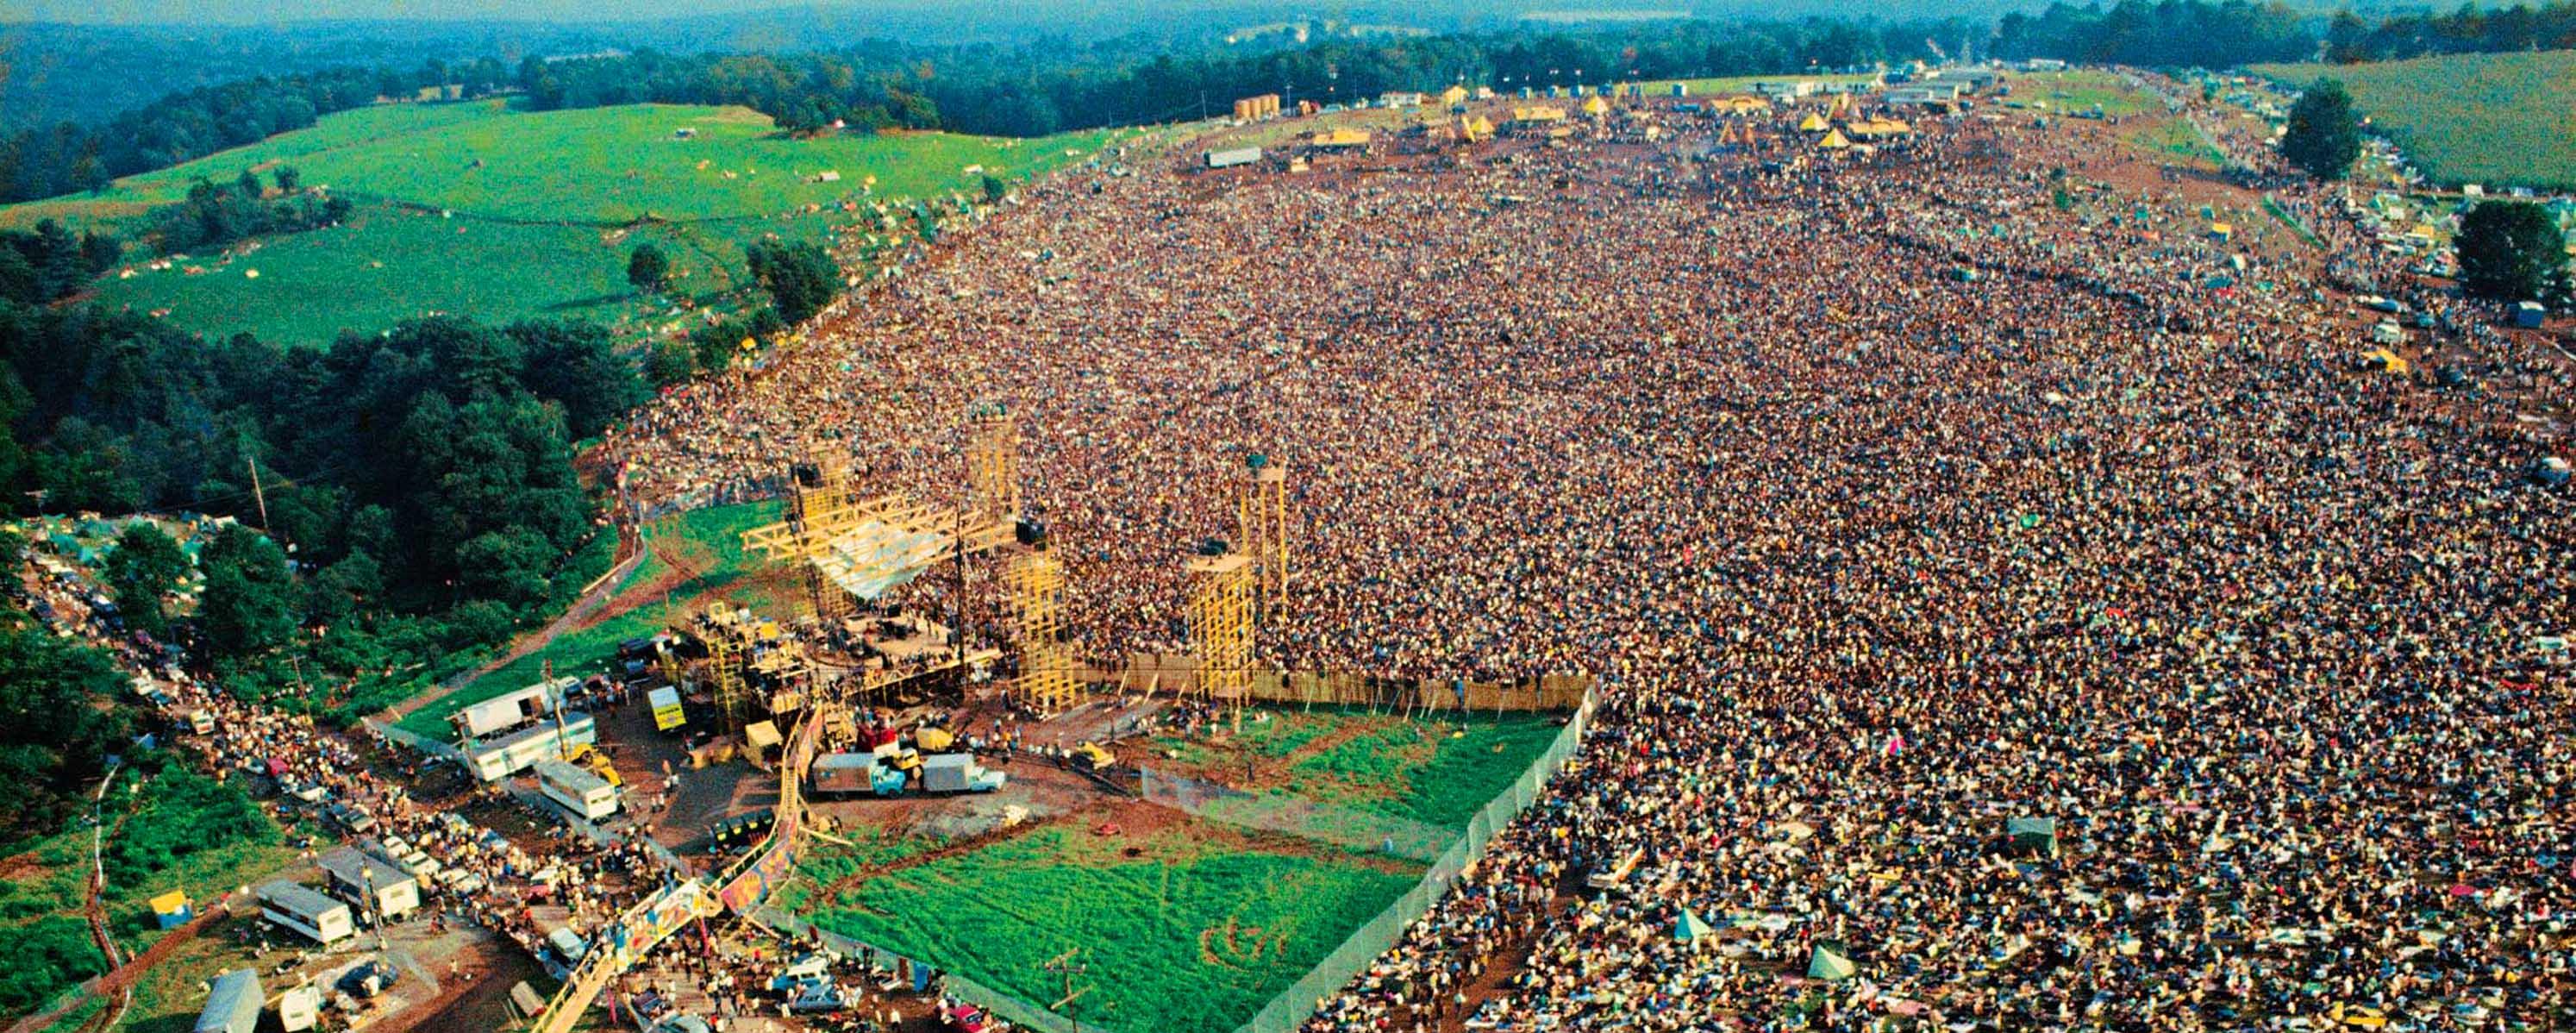 El festival de Woodstock volverá para celebrar sus 50 años - Radio Cantilo